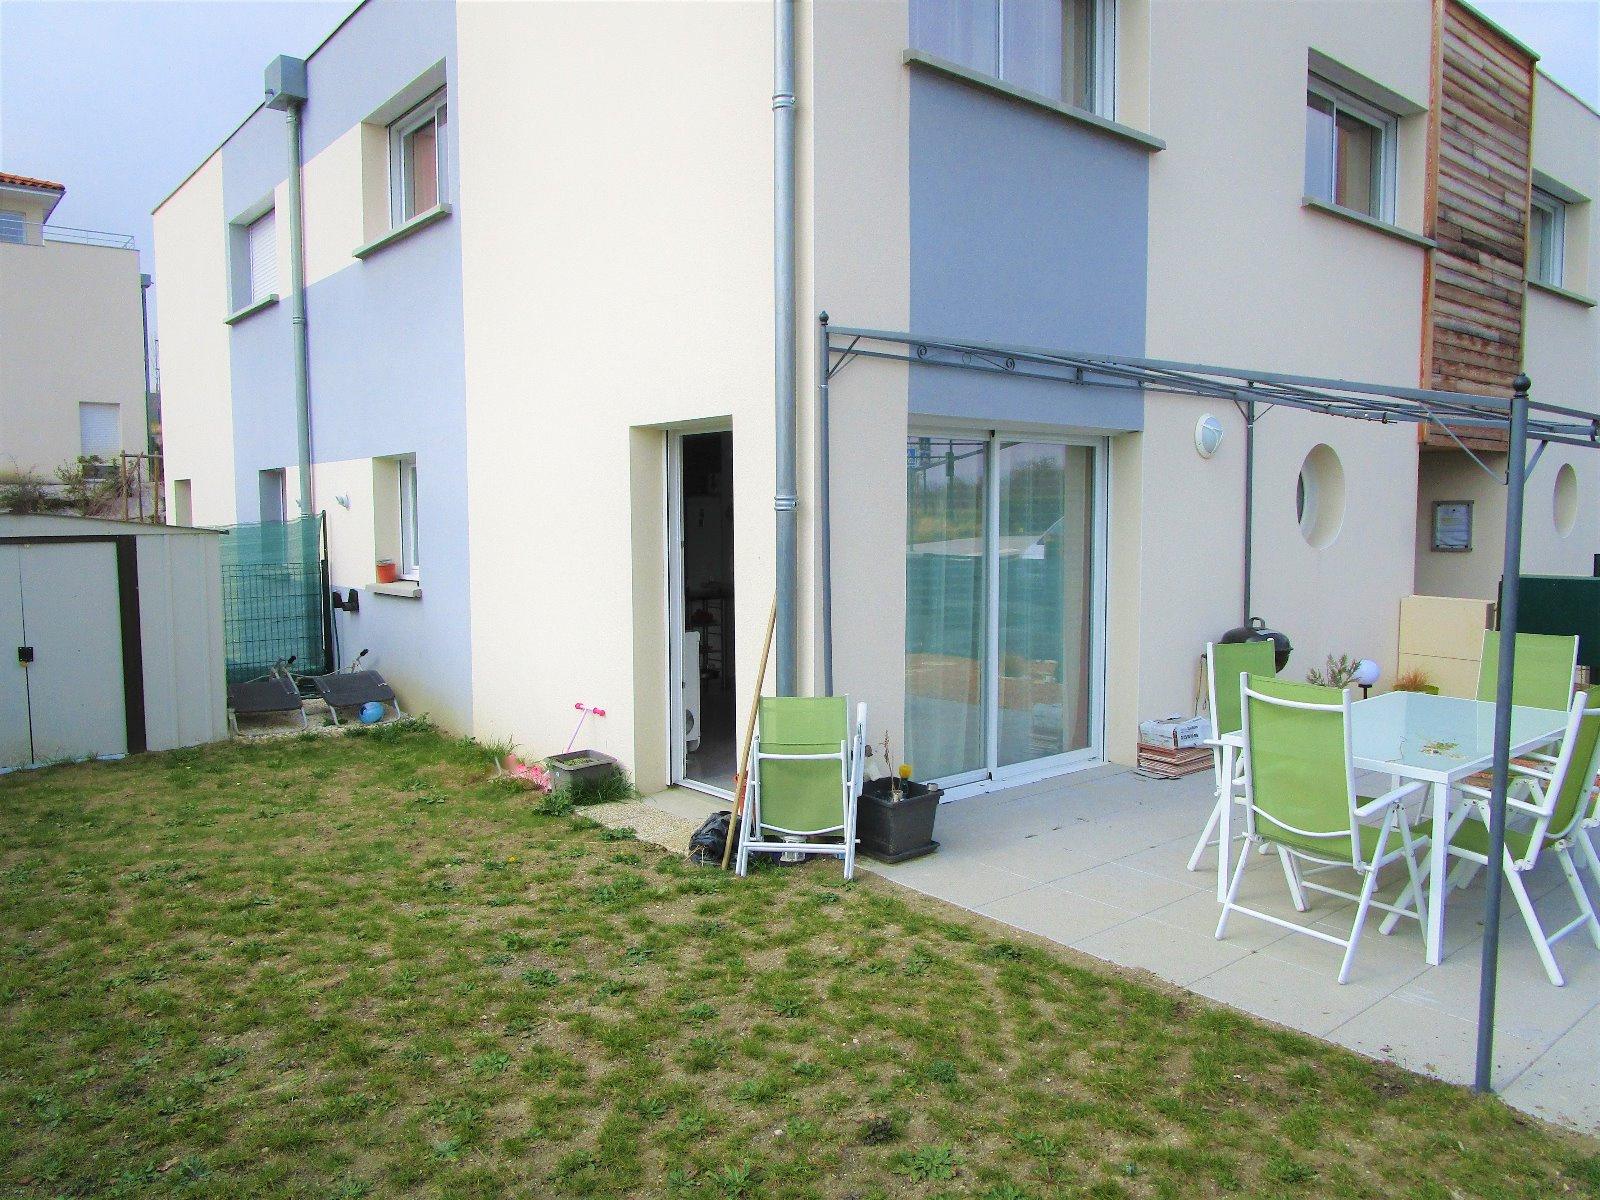 Vente joli pavillon neuf aux normes bbc rt2012 for Norme maison bbc